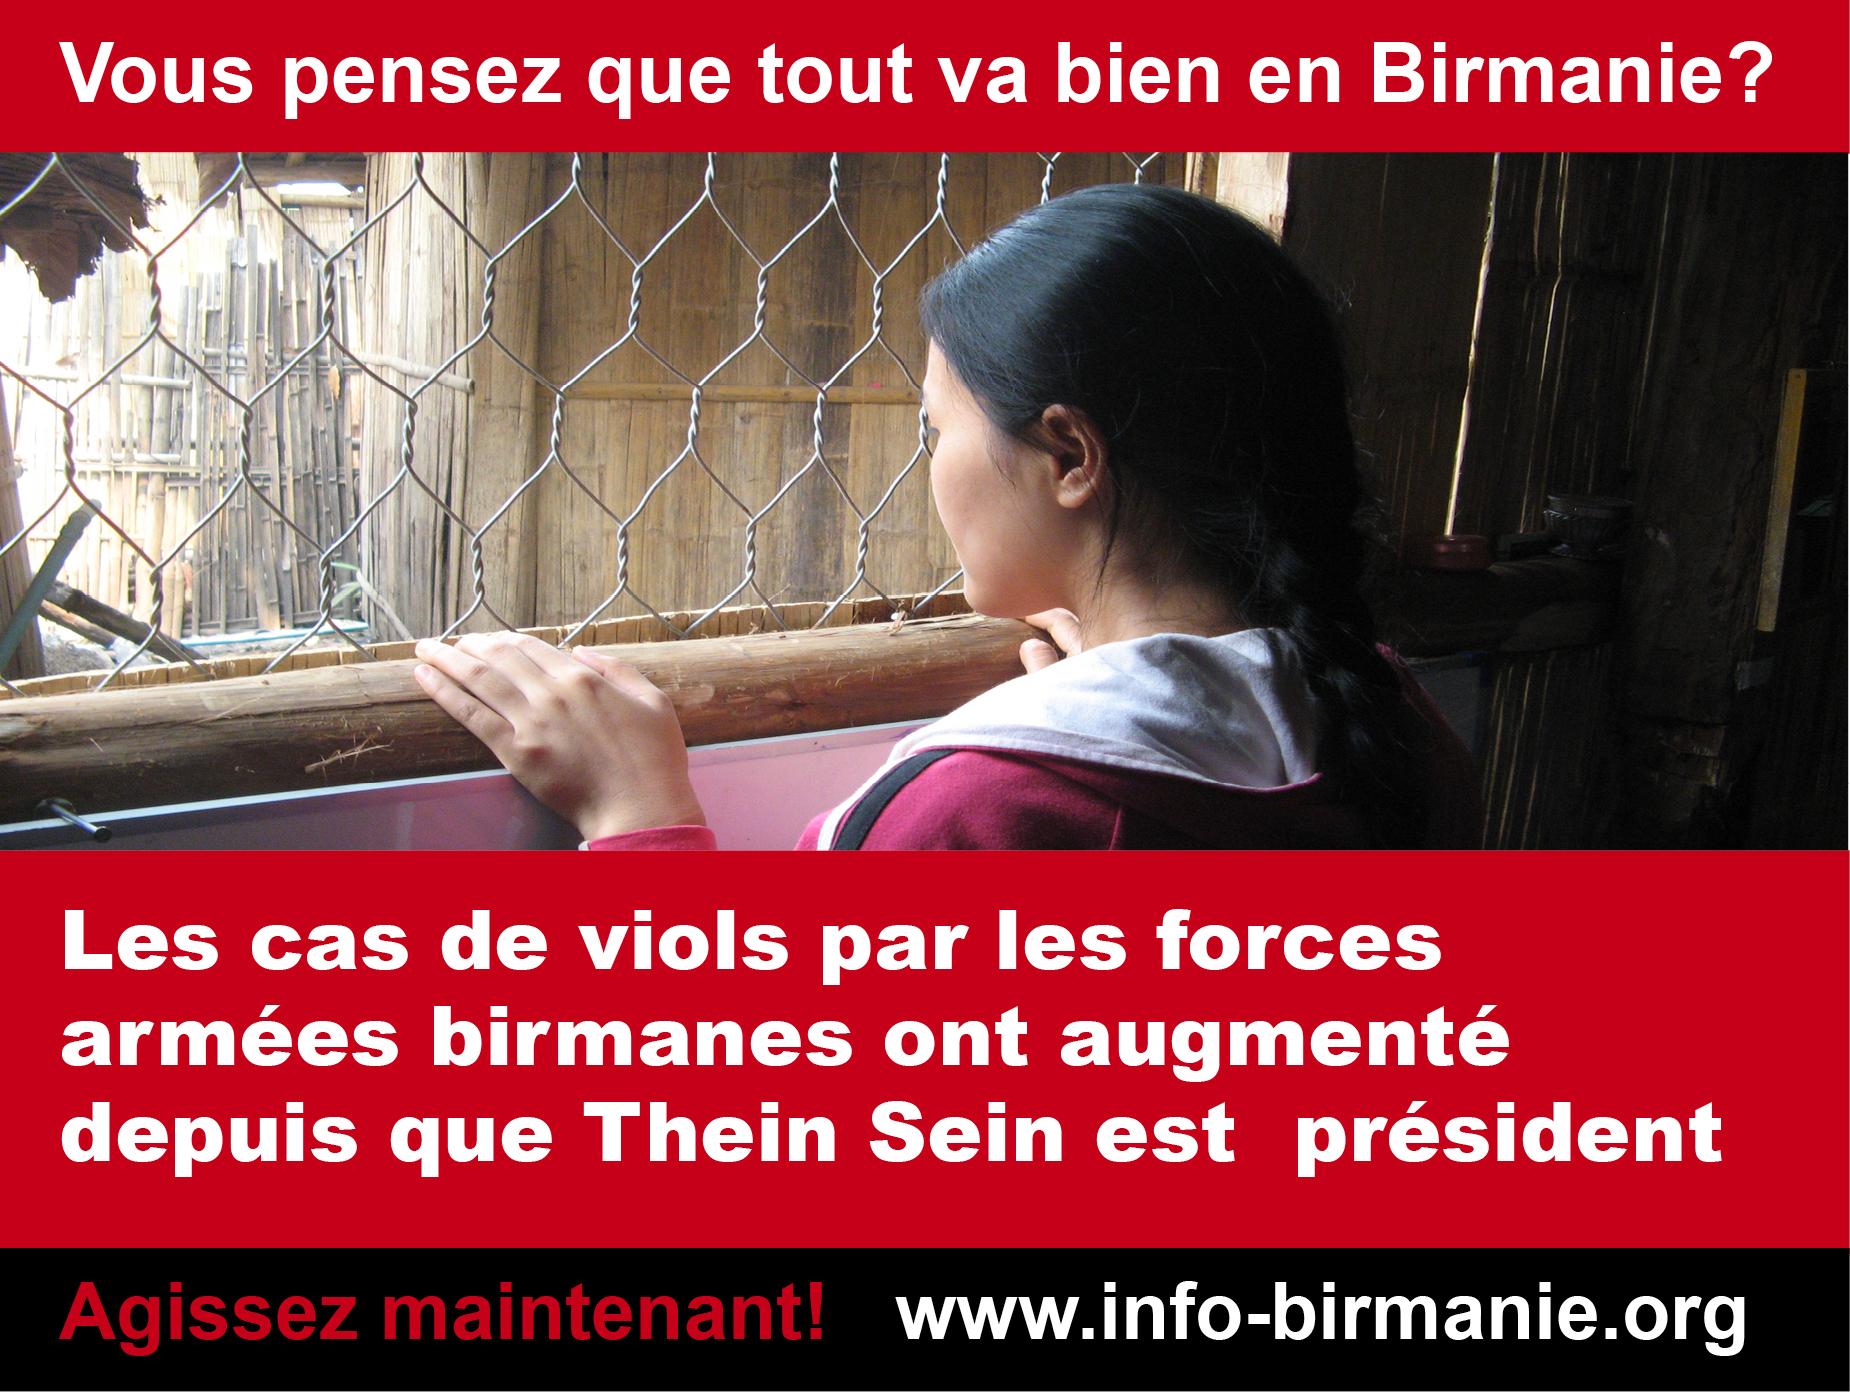 Violences sexuelles en Birmanie : une commission d'enquête internationale s'impose